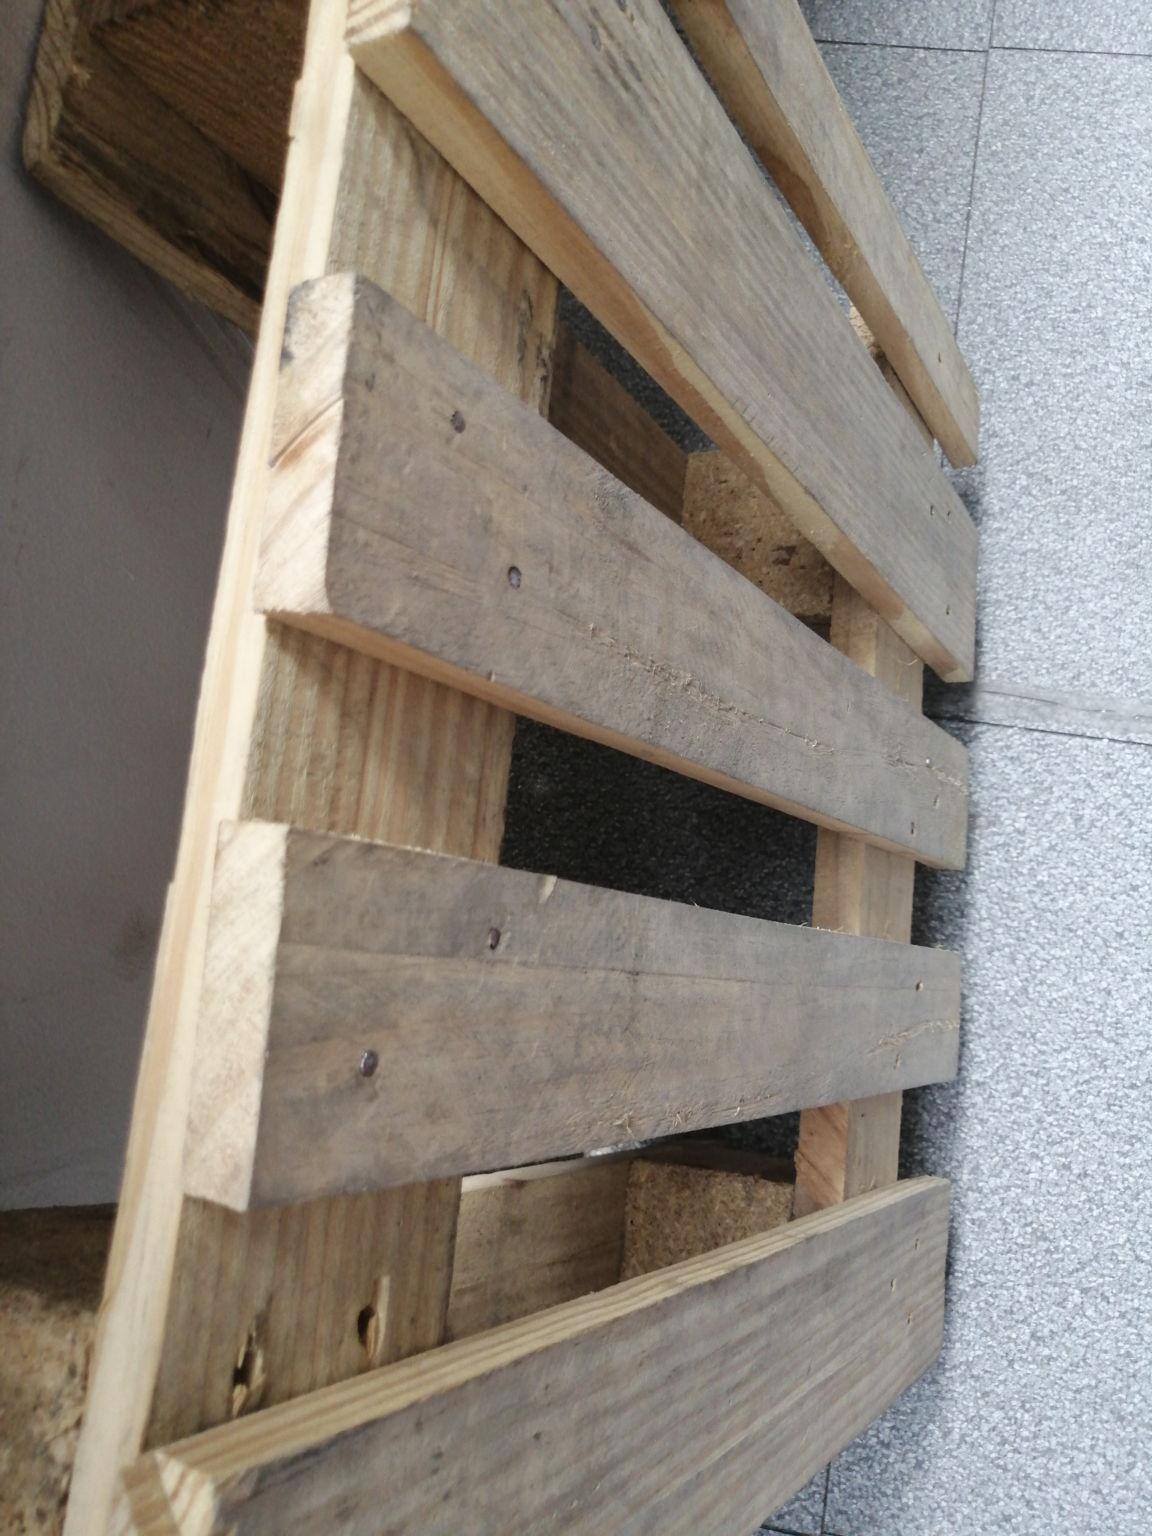 苏州专业全木托盘厂家批发:全木托盘�,ⅼ▲┓┵➲胶应用�,♛|�围全木